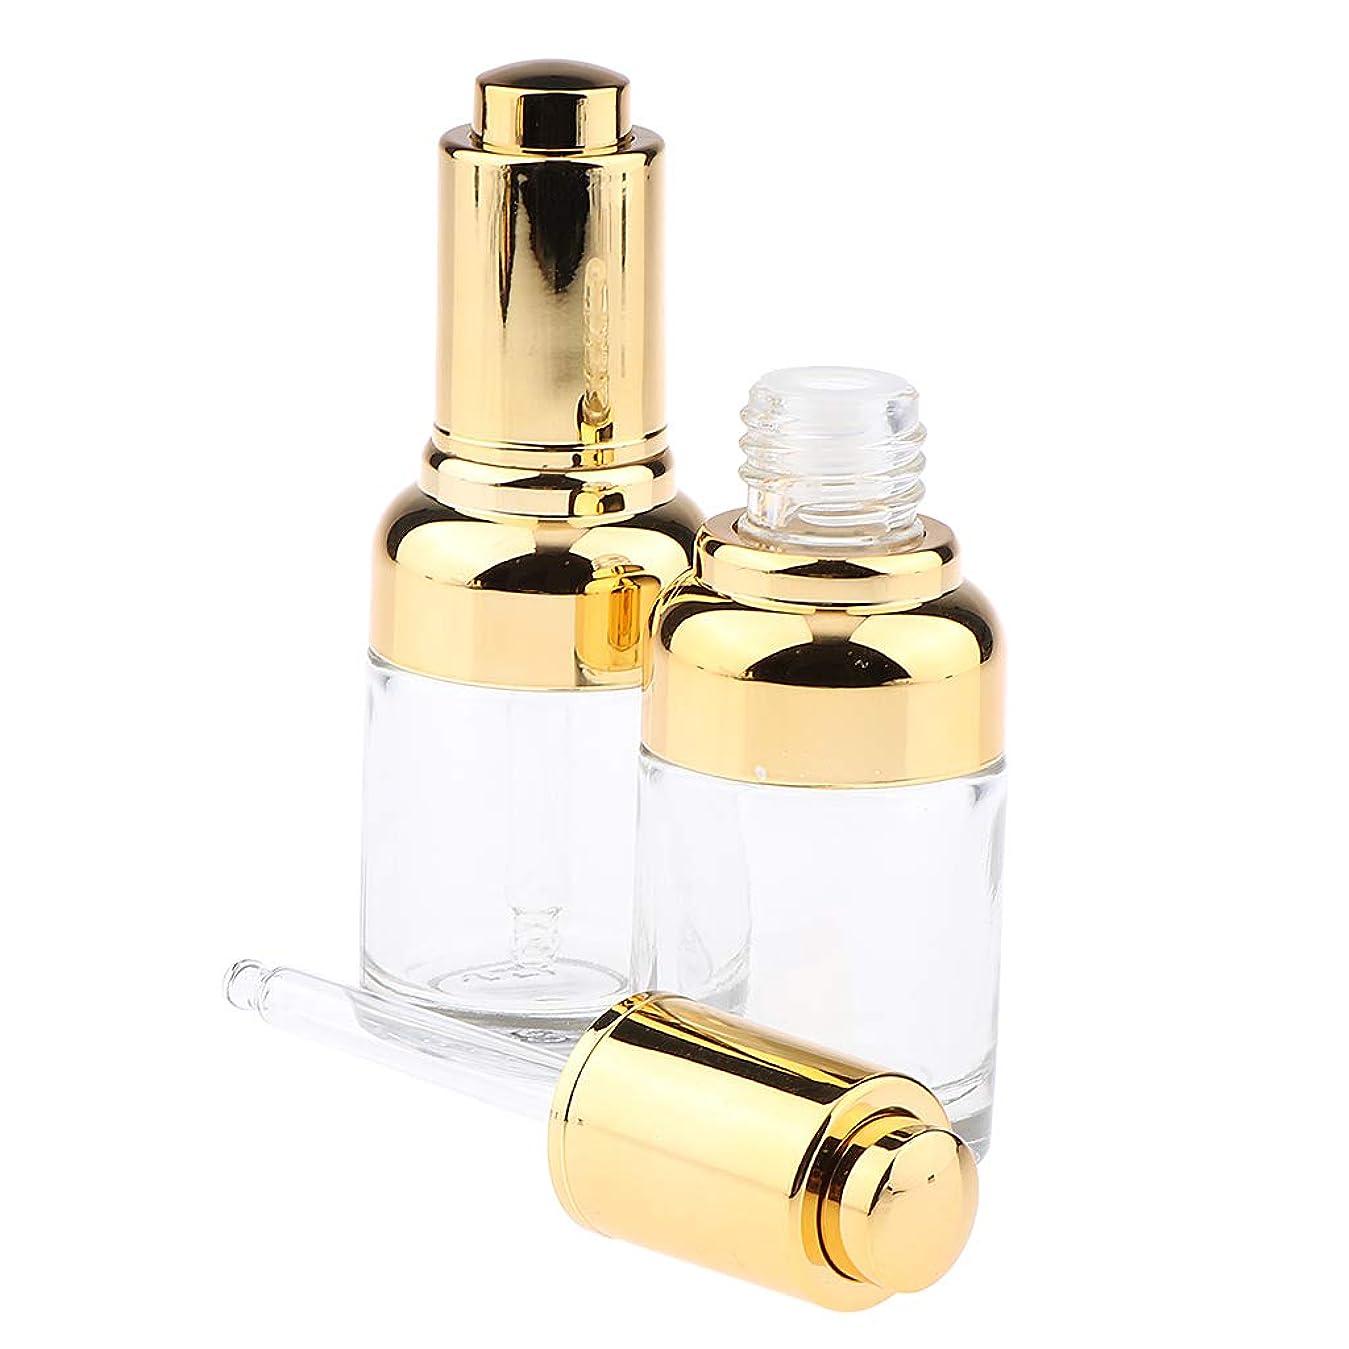 ジェスチャーキャプション防腐剤F Fityle 2個 ガラス瓶 ドロッパーボトル エッセンシャルオイルディスペンサー 香水ピペット バイアル 30ml